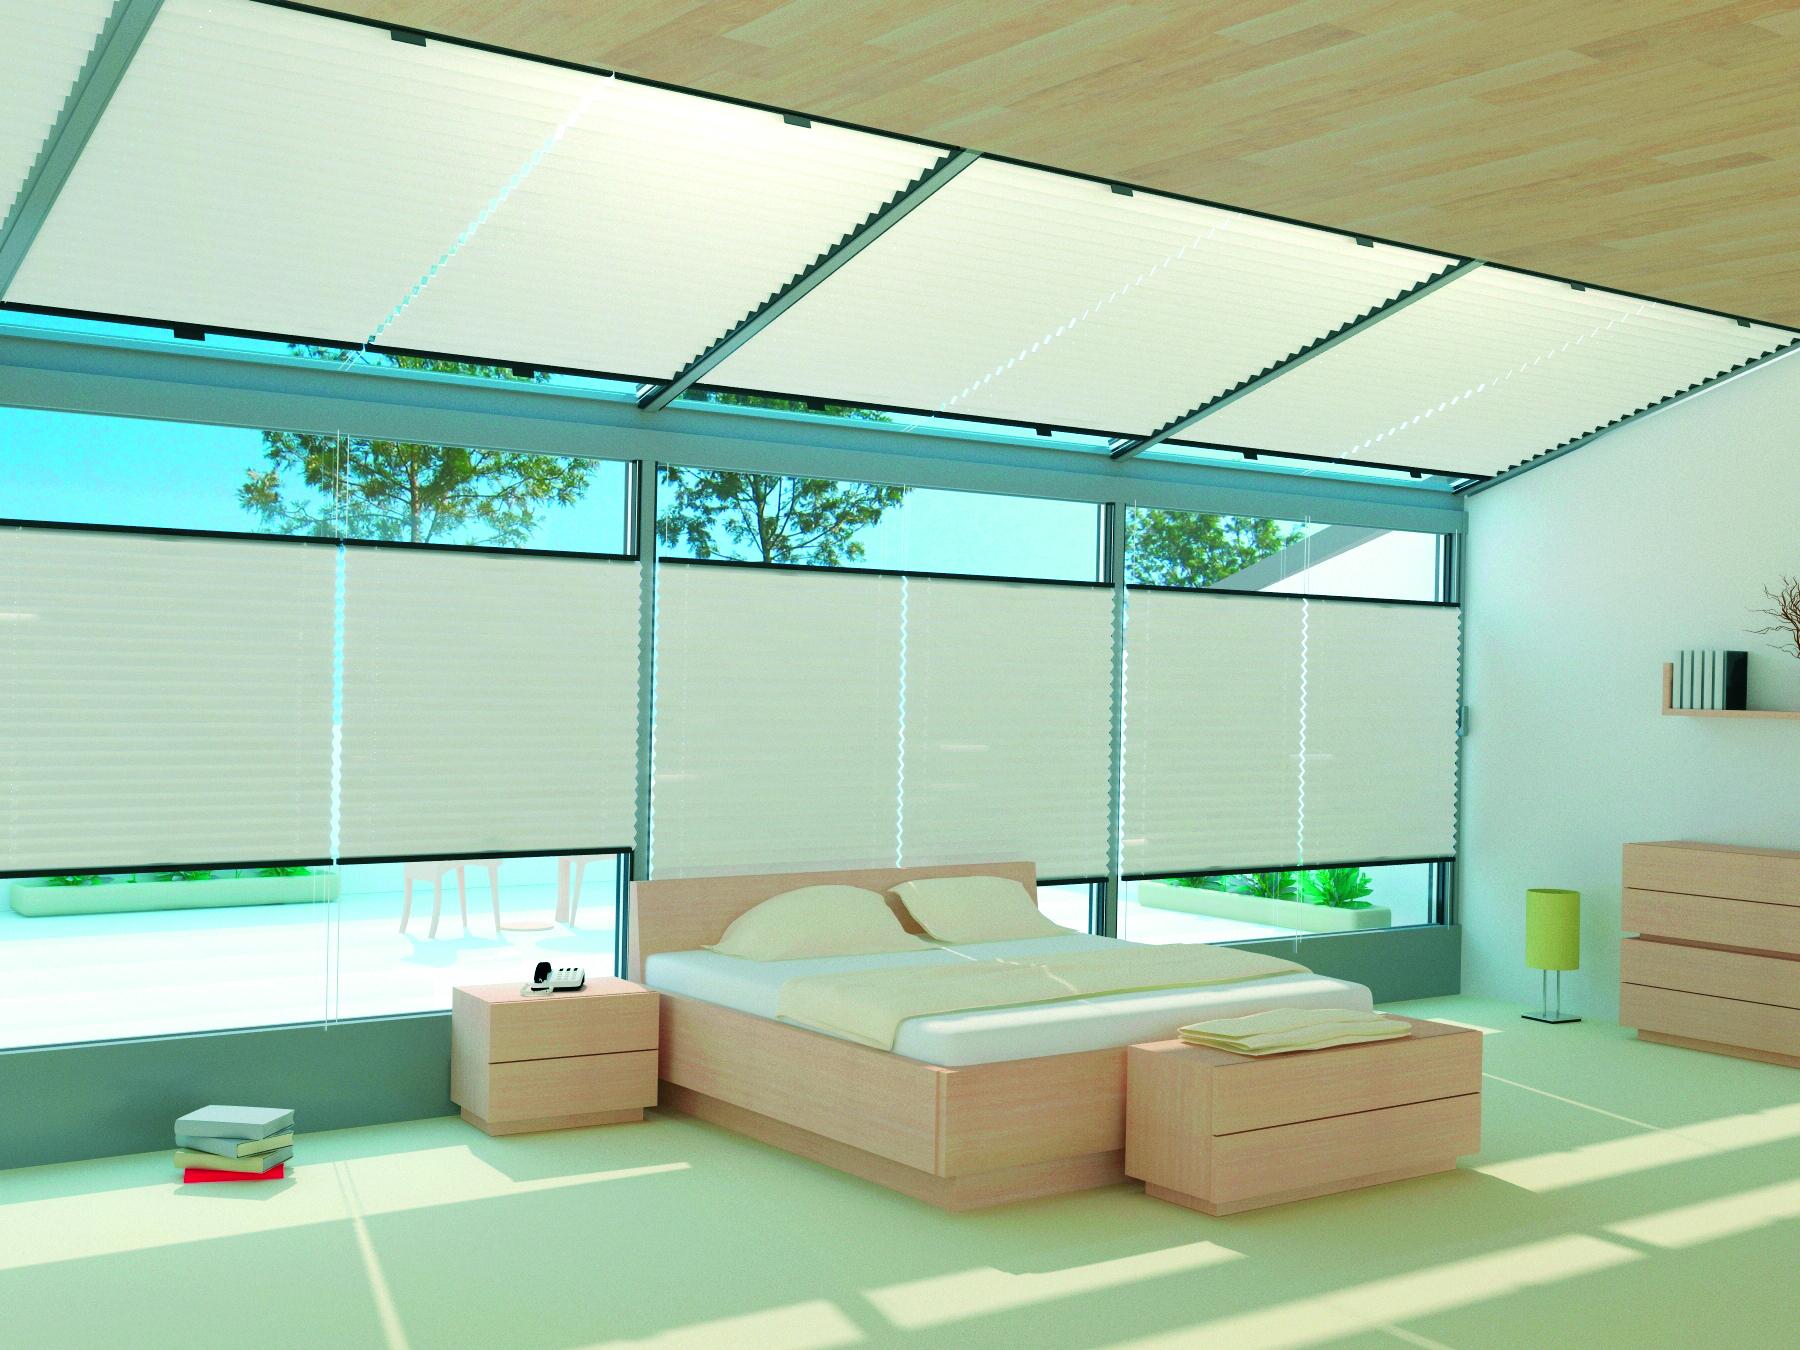 sicher bestellen direkt in der schweiz keine zollkosten. Black Bedroom Furniture Sets. Home Design Ideas